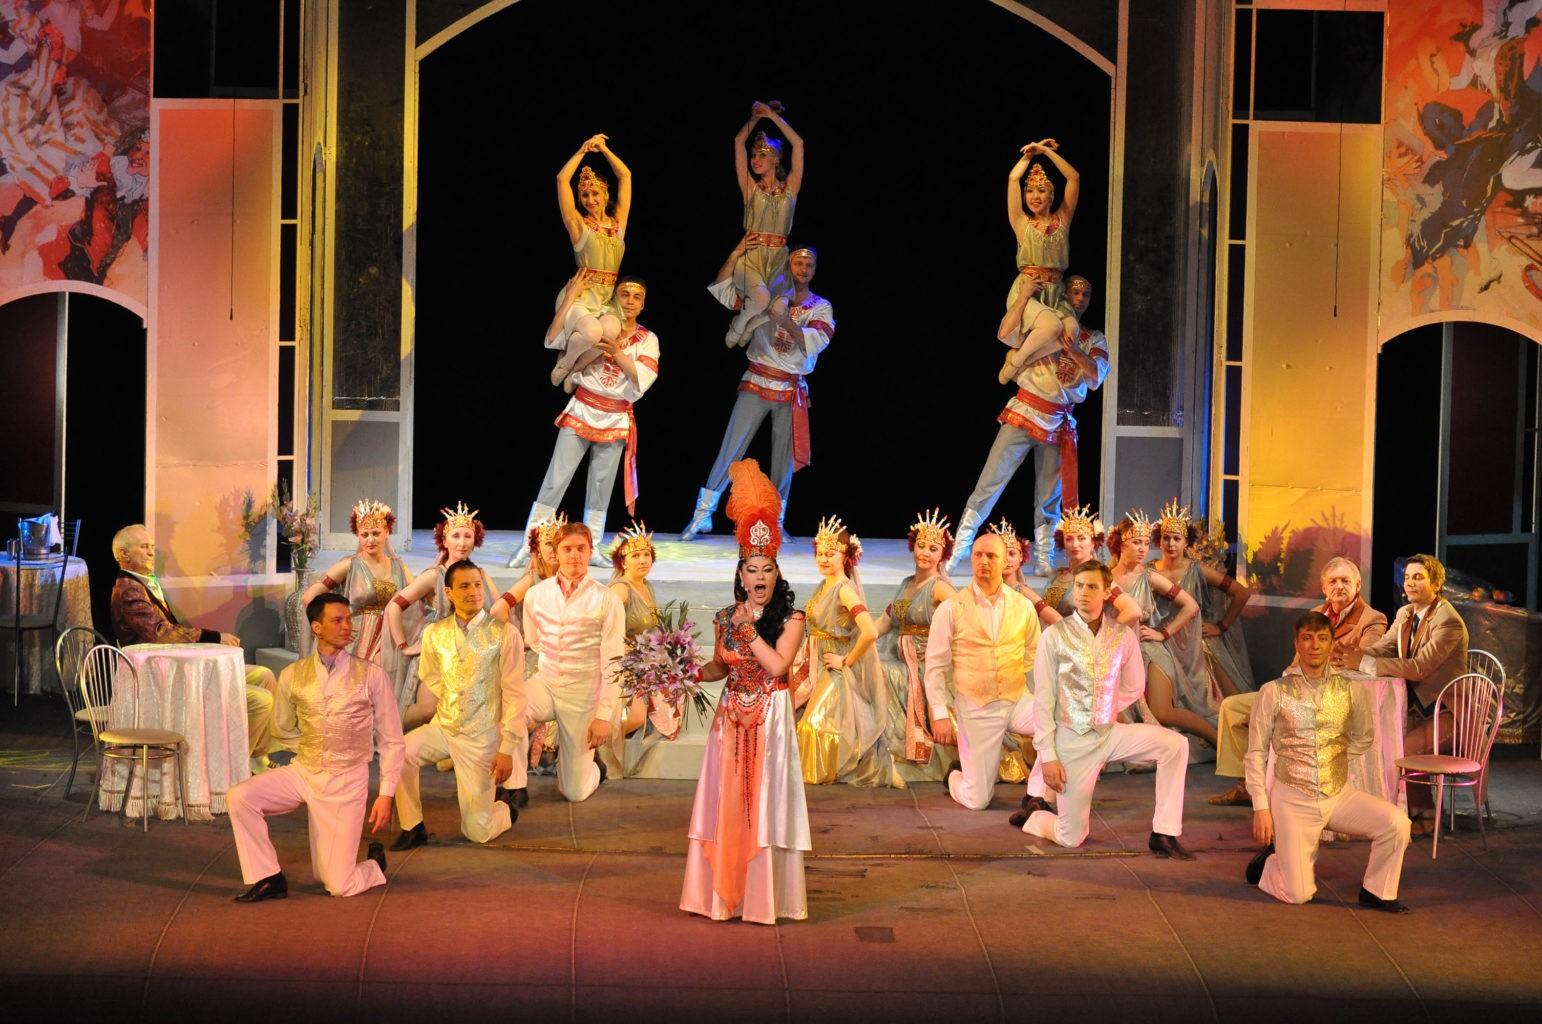 Сцена из спектакля «Сильва»: фотография